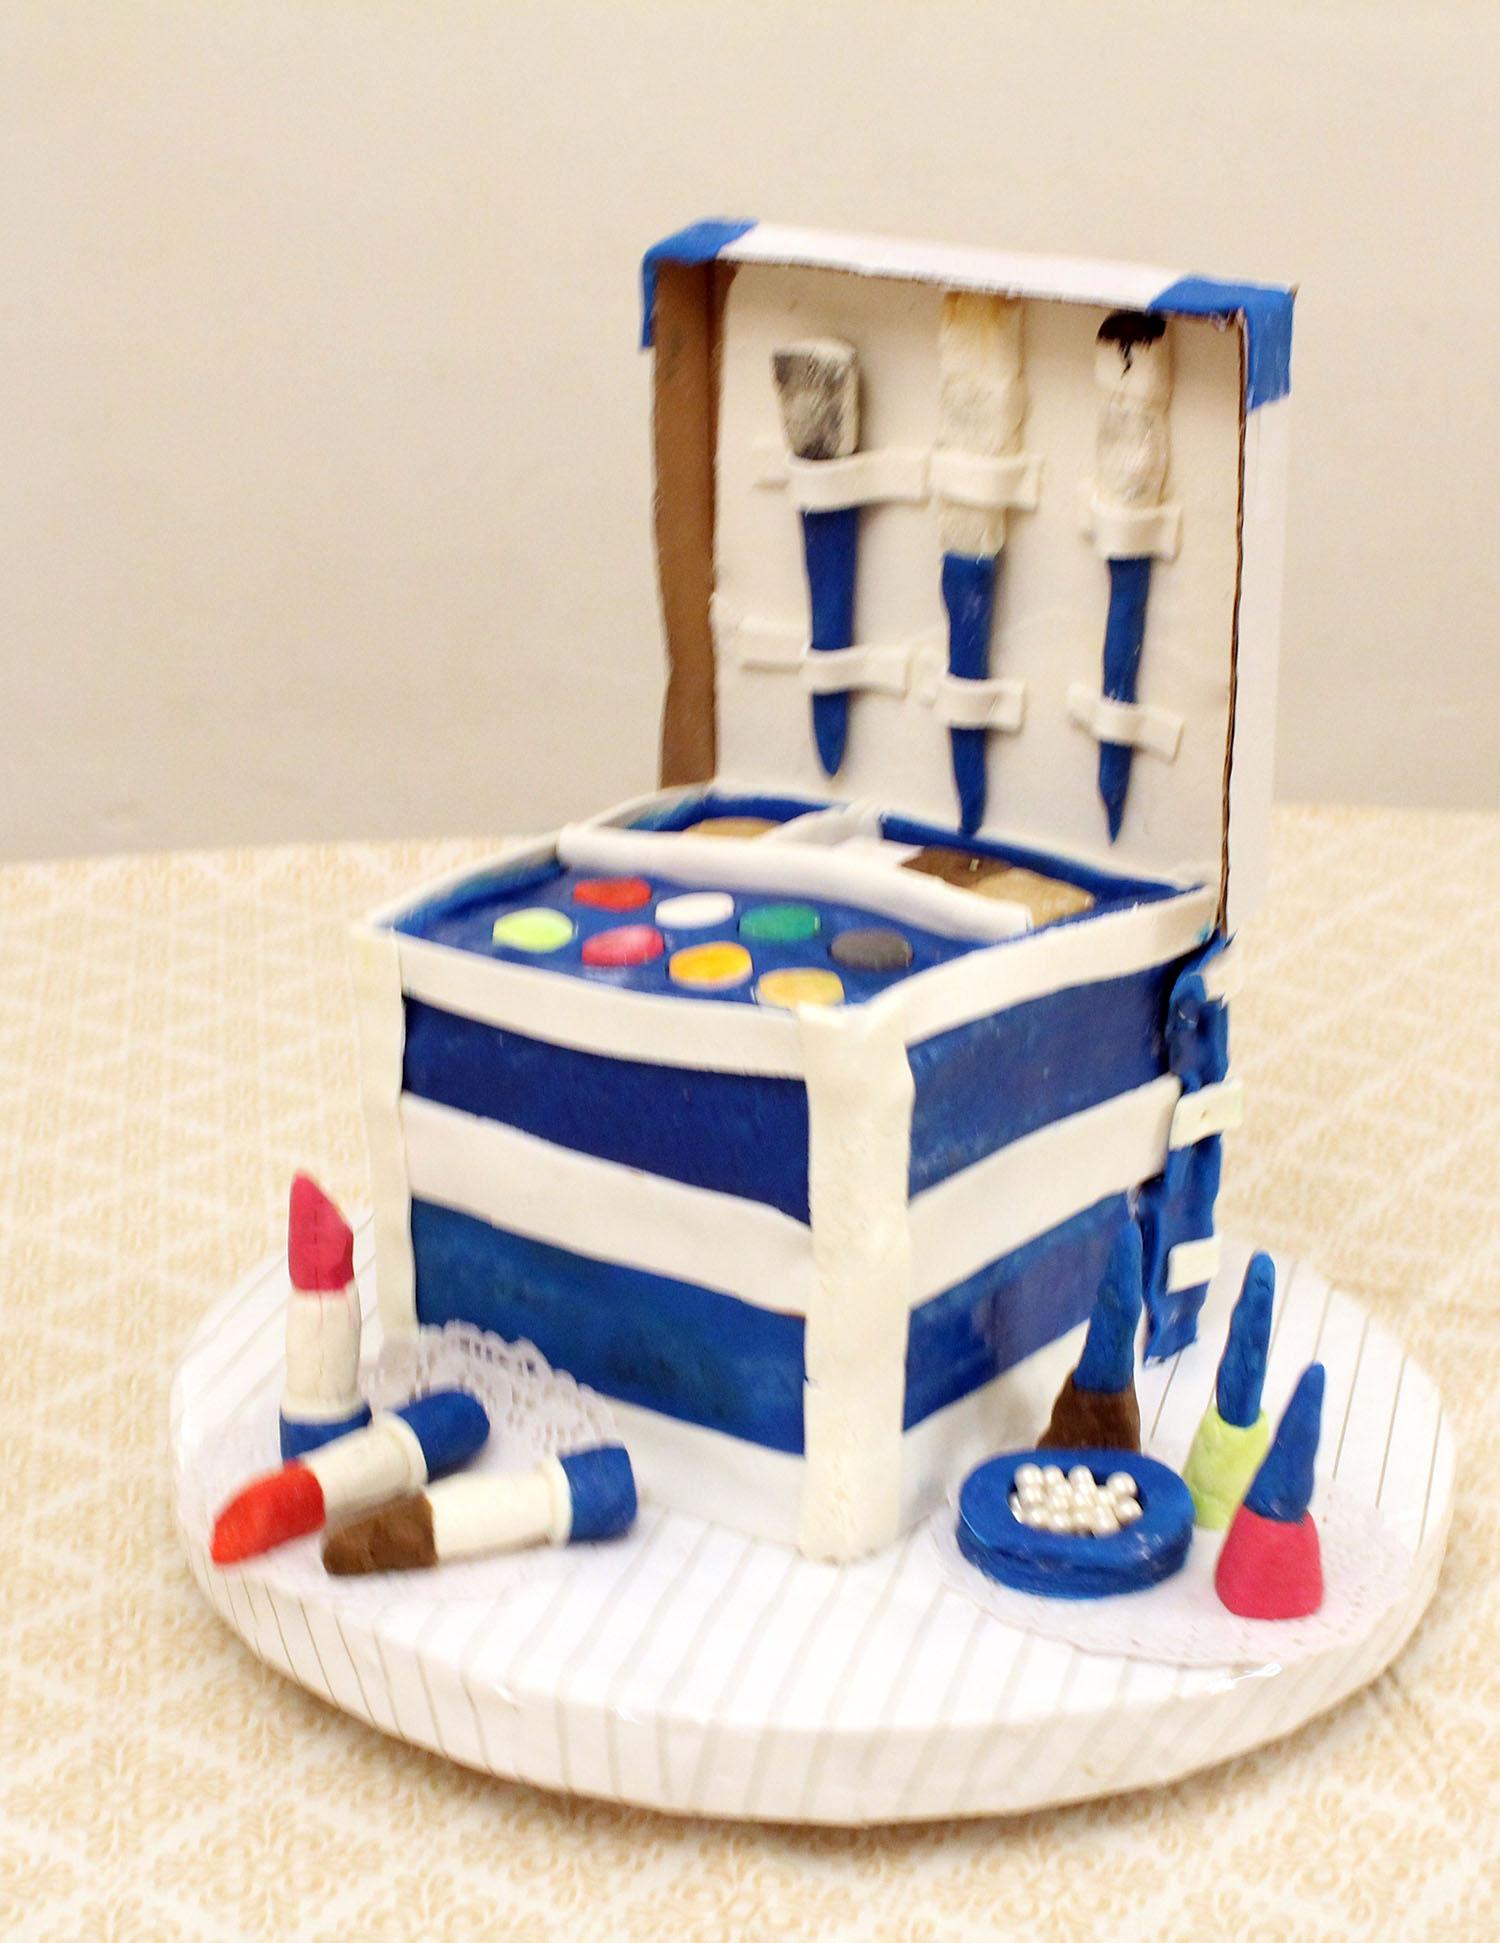 IMG 6449 - עוגה : סט איפור